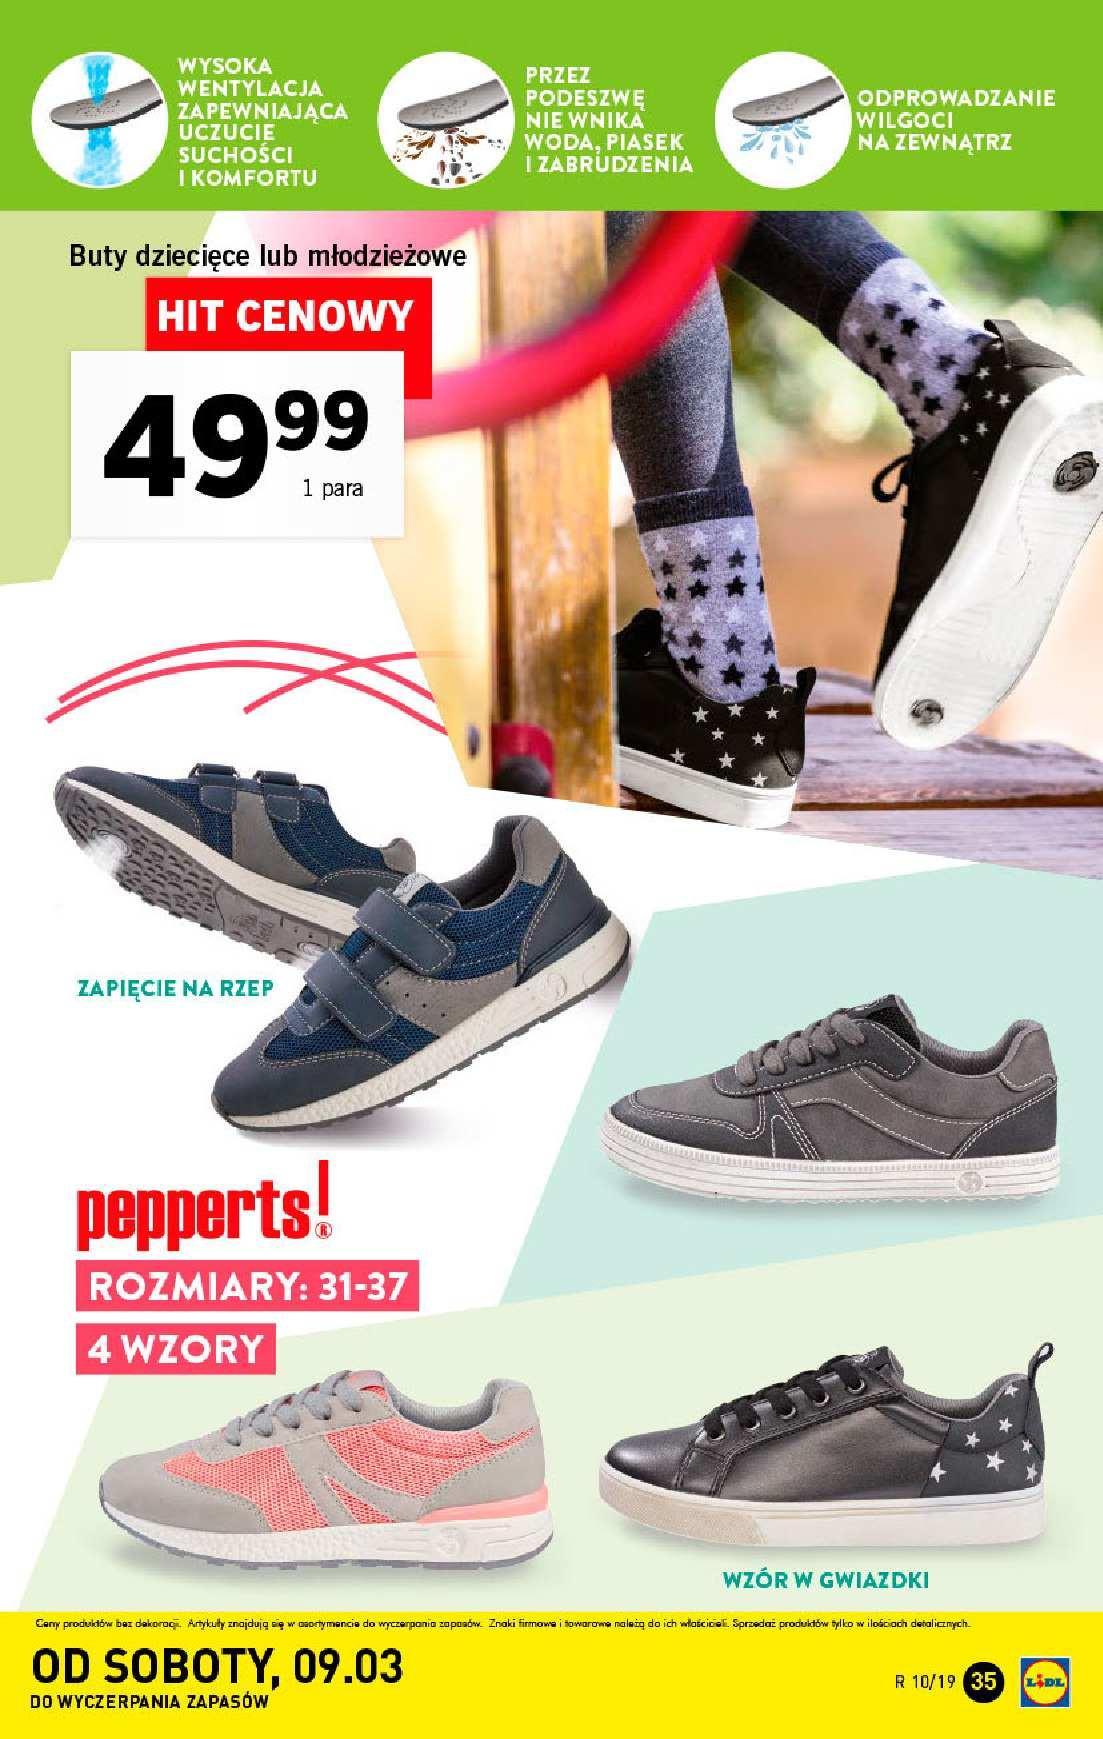 Gazetka Promocyjna I Reklamowa Lidl Katalog 4 03 2019 Od 04 03 2019 Do 09 03 2019 S 35